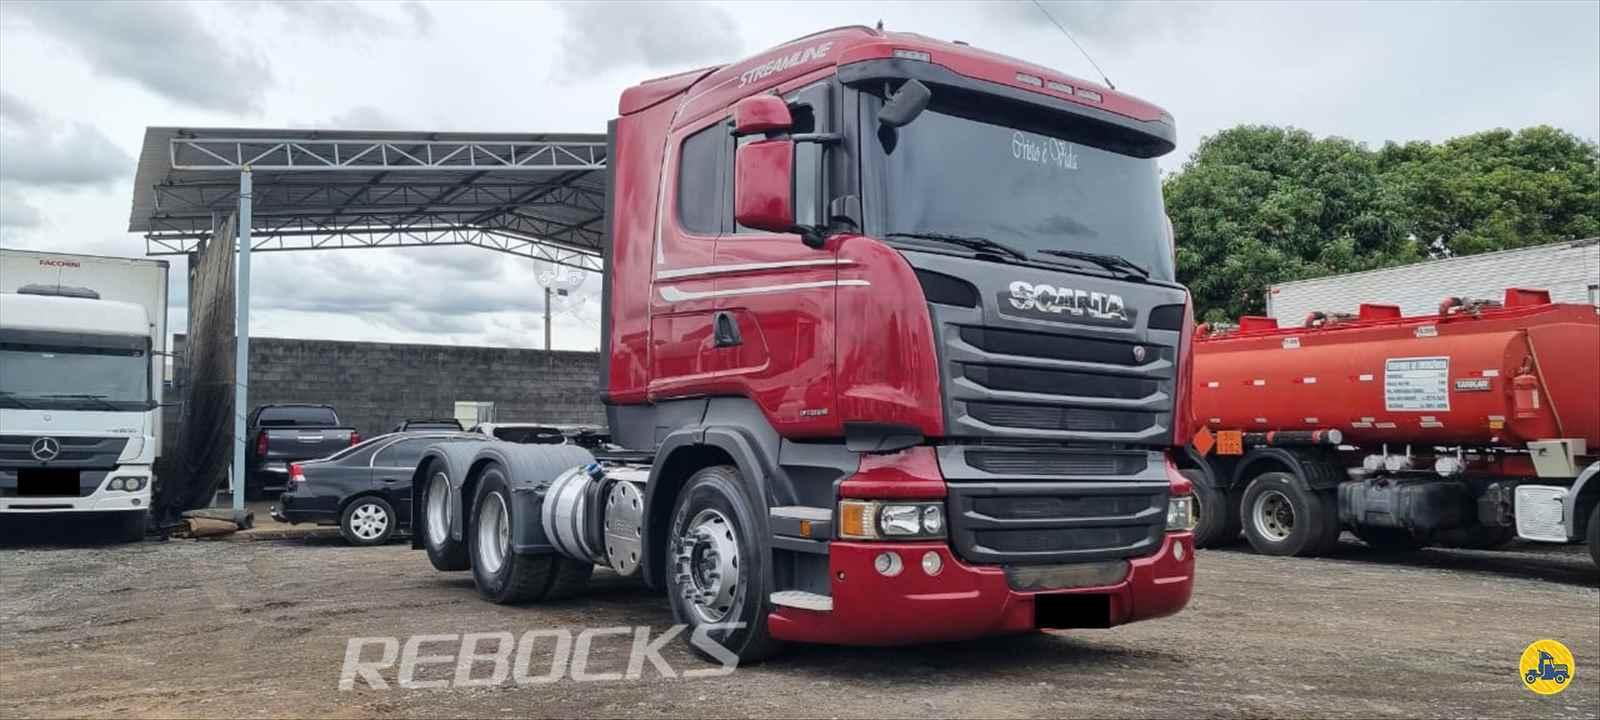 CAMINHAO SCANIA SCANIA 440 Cavalo Mecânico Truck 6x2 Rebocks LIMEIRA SÃO PAULO SP